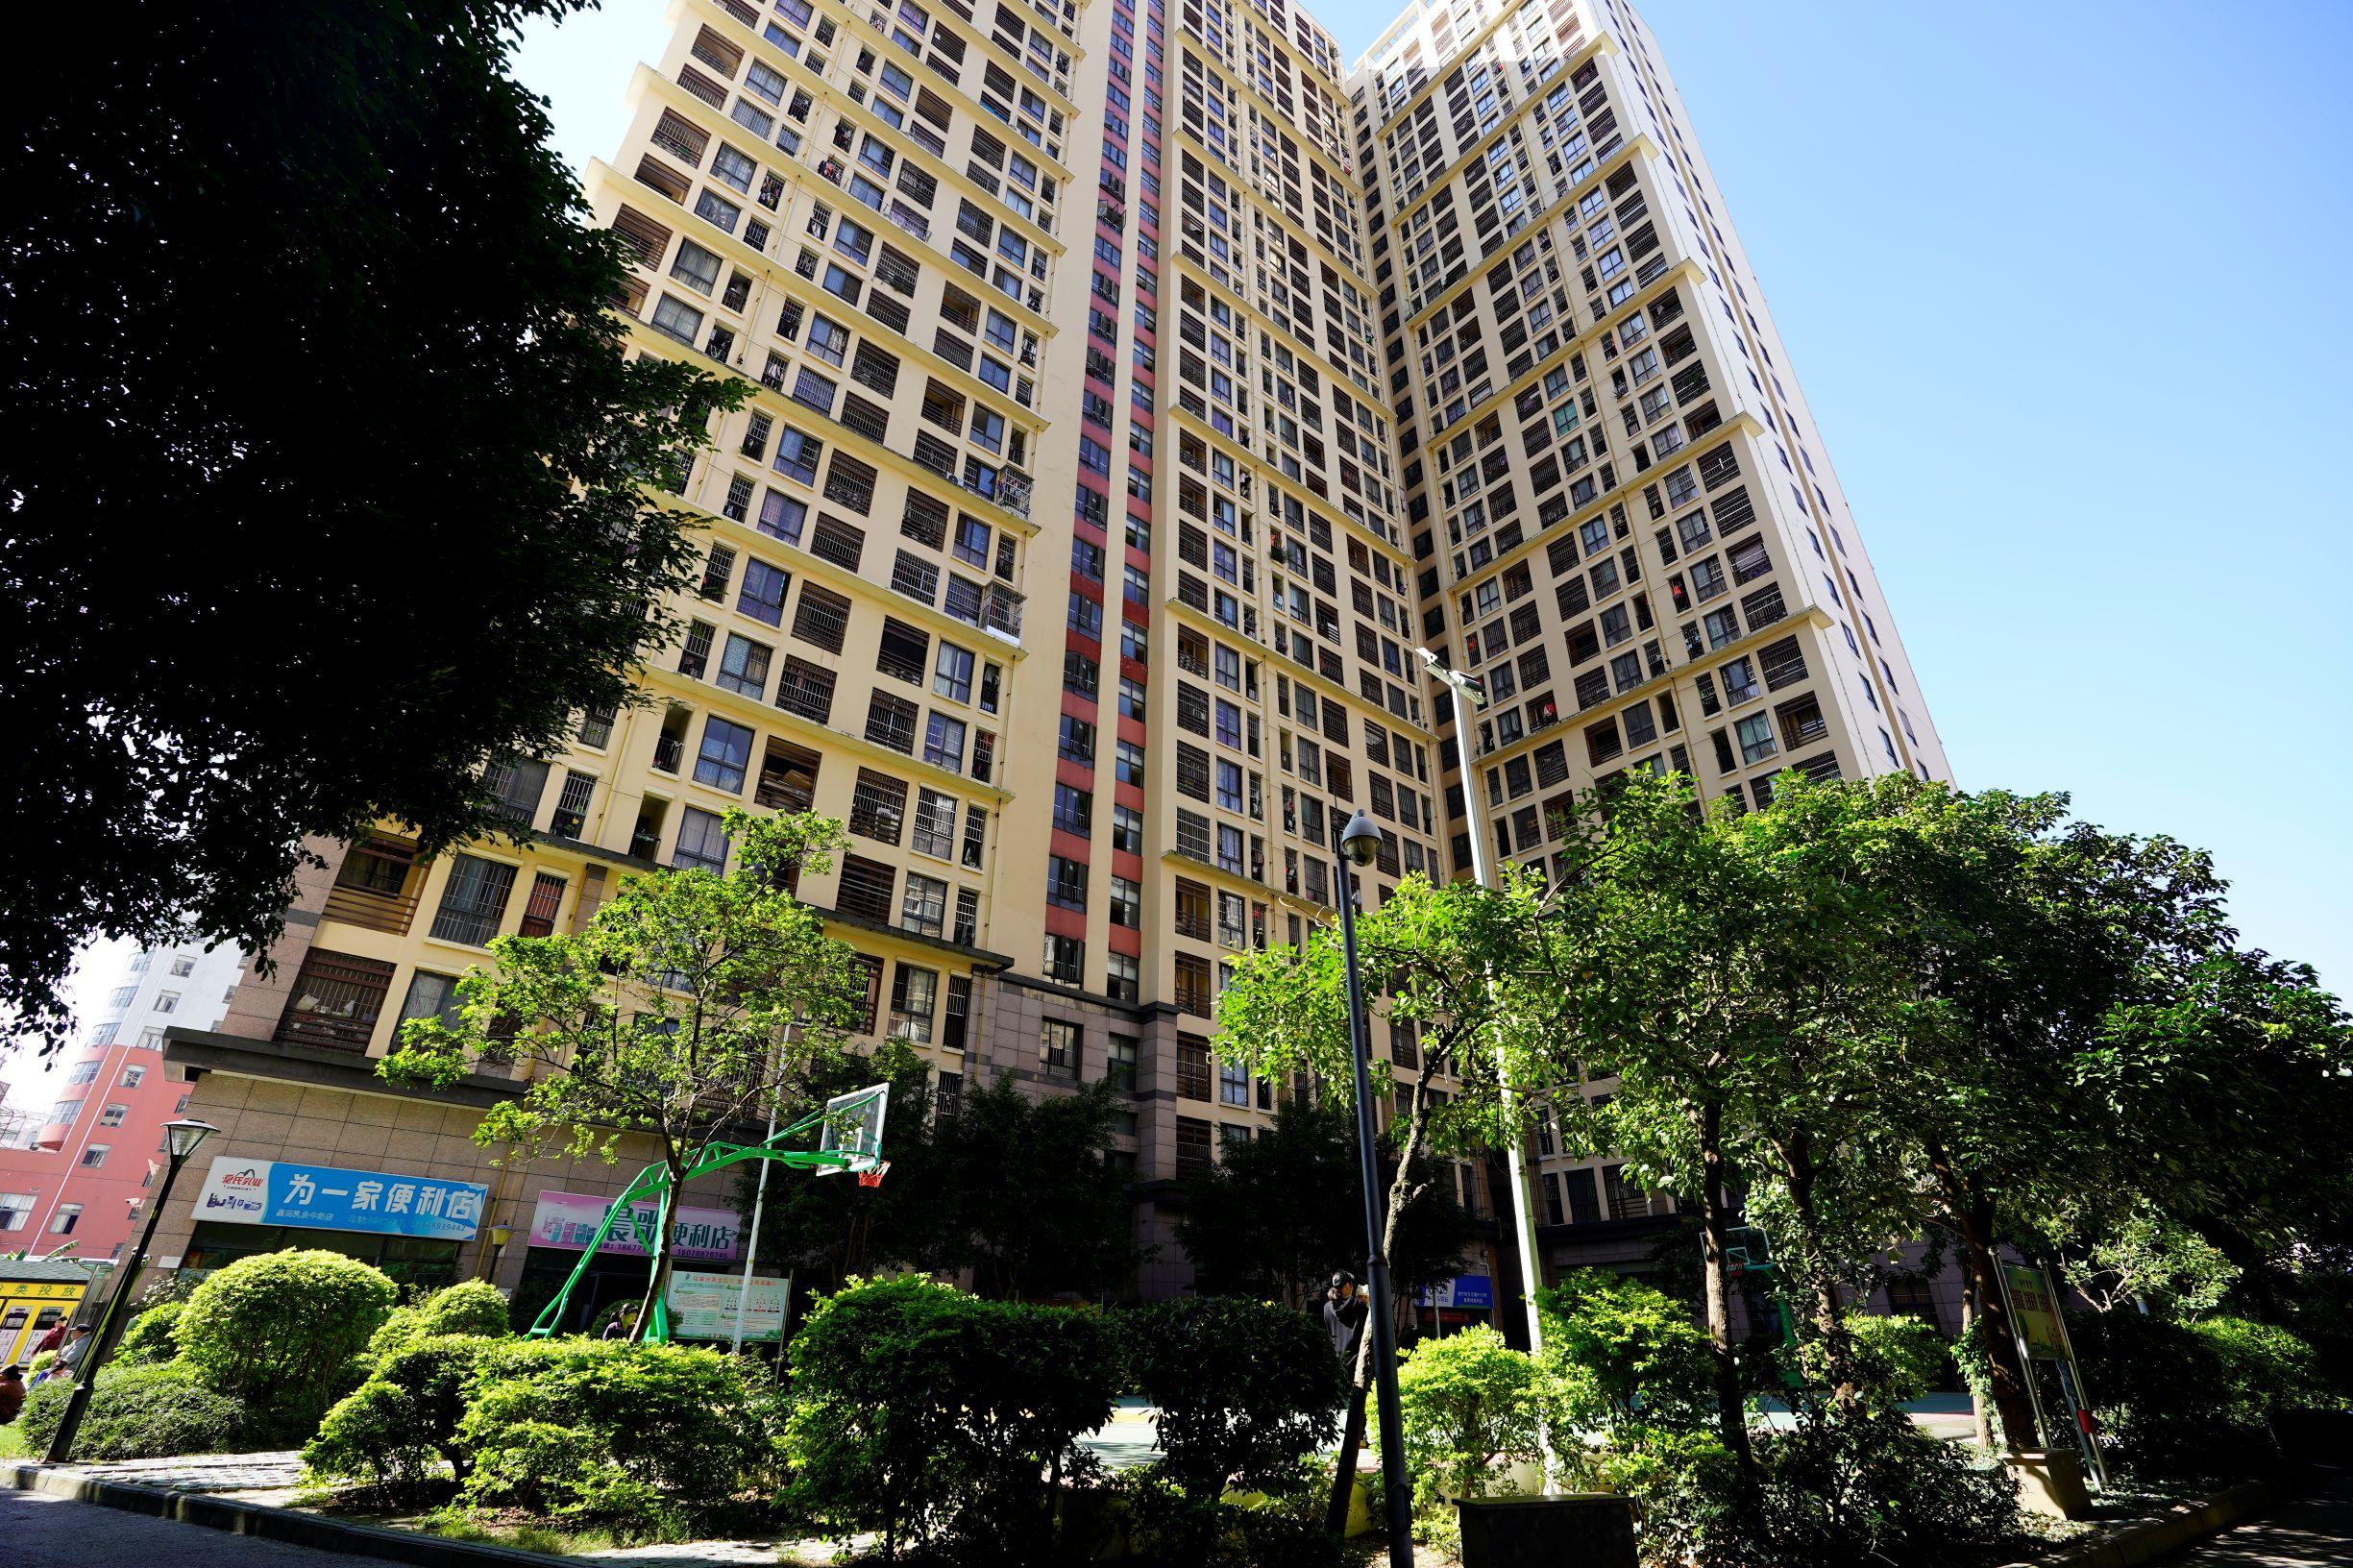 南宁市环卫公寓建设有中心球场.JPG